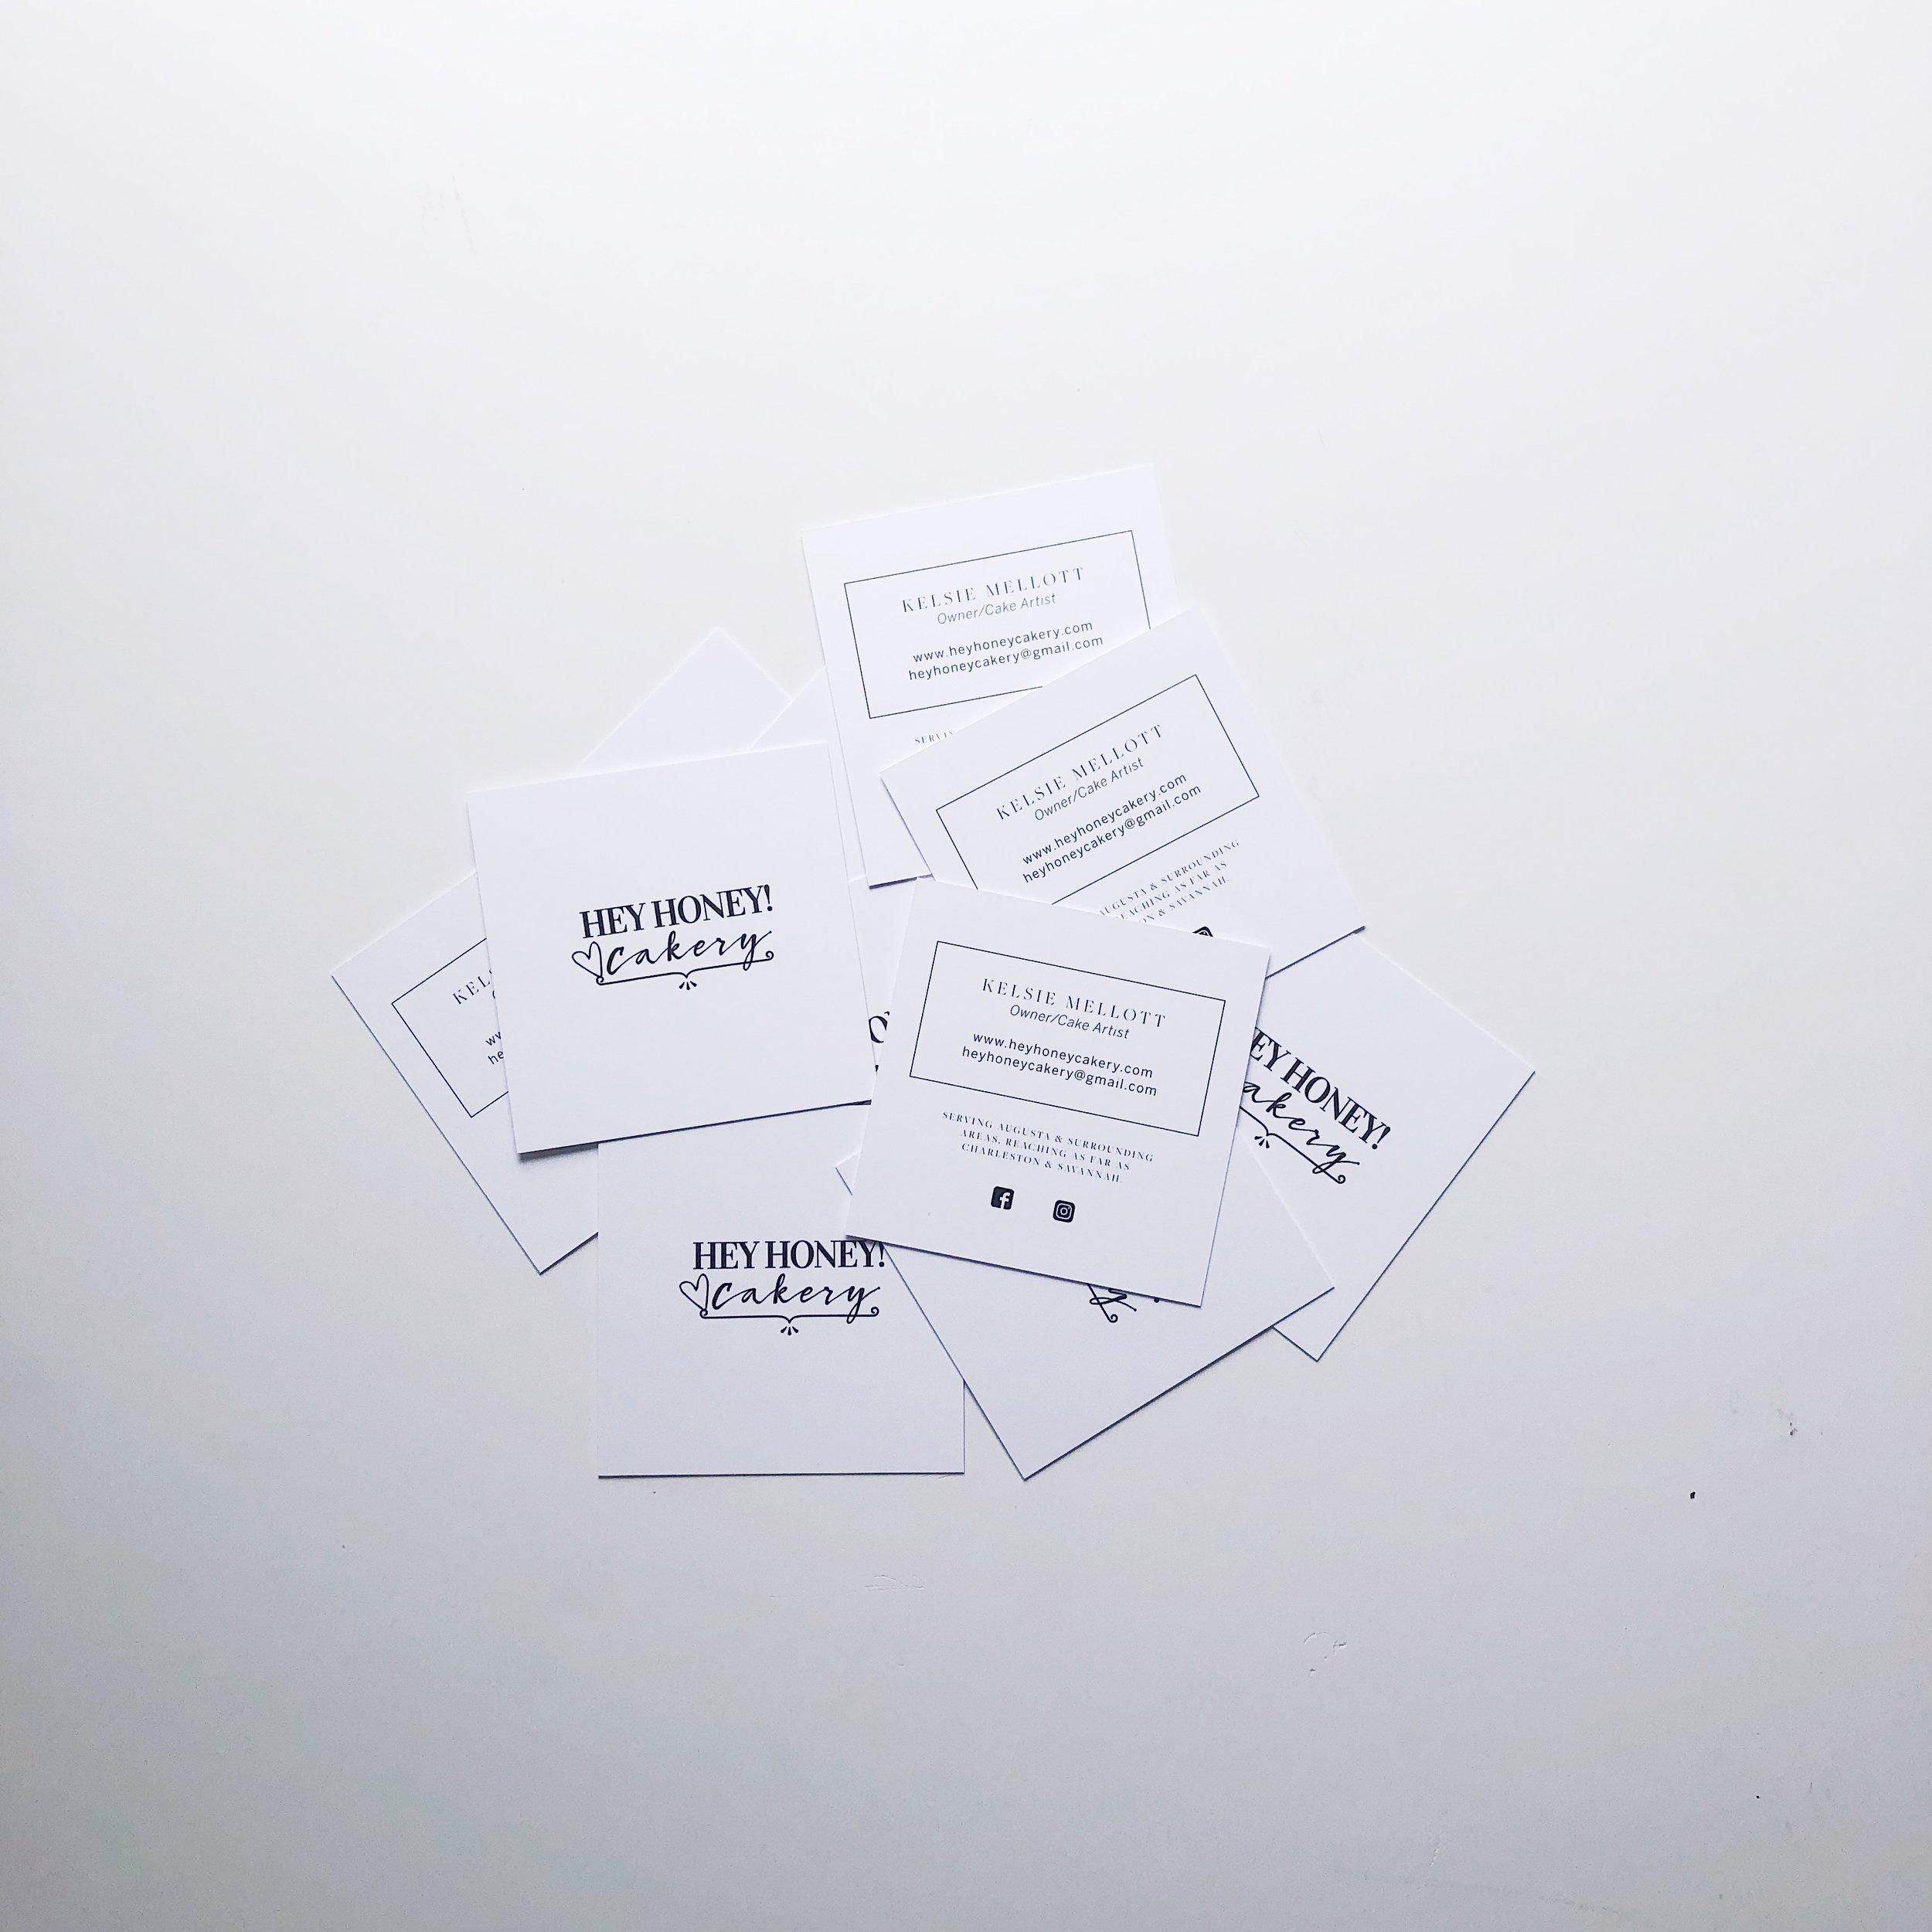 948D4FDB-C690-476F-B507-94CB295F5094.JPG